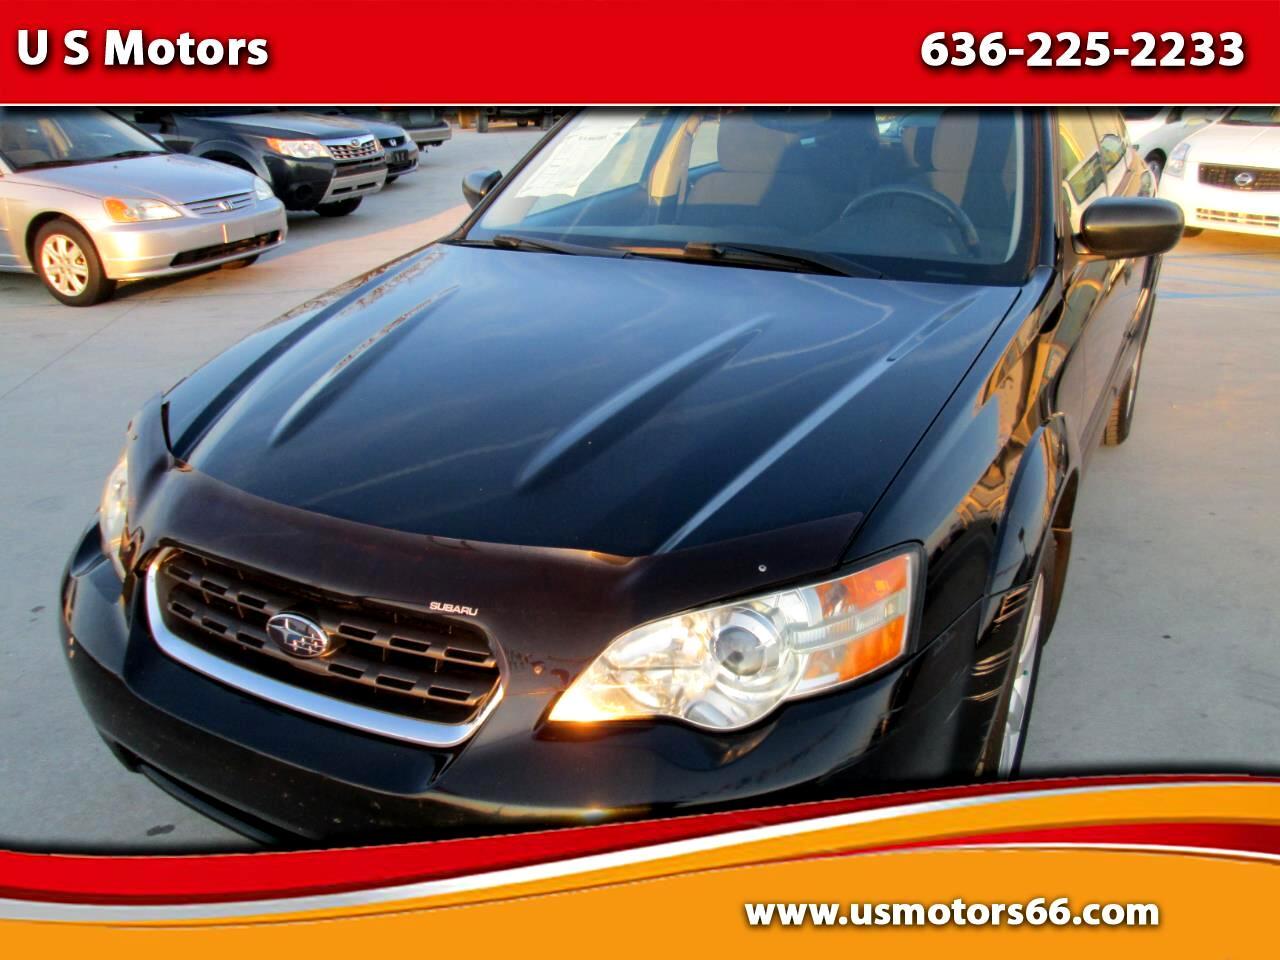 Subaru Outback 2.5i Wagon 2006